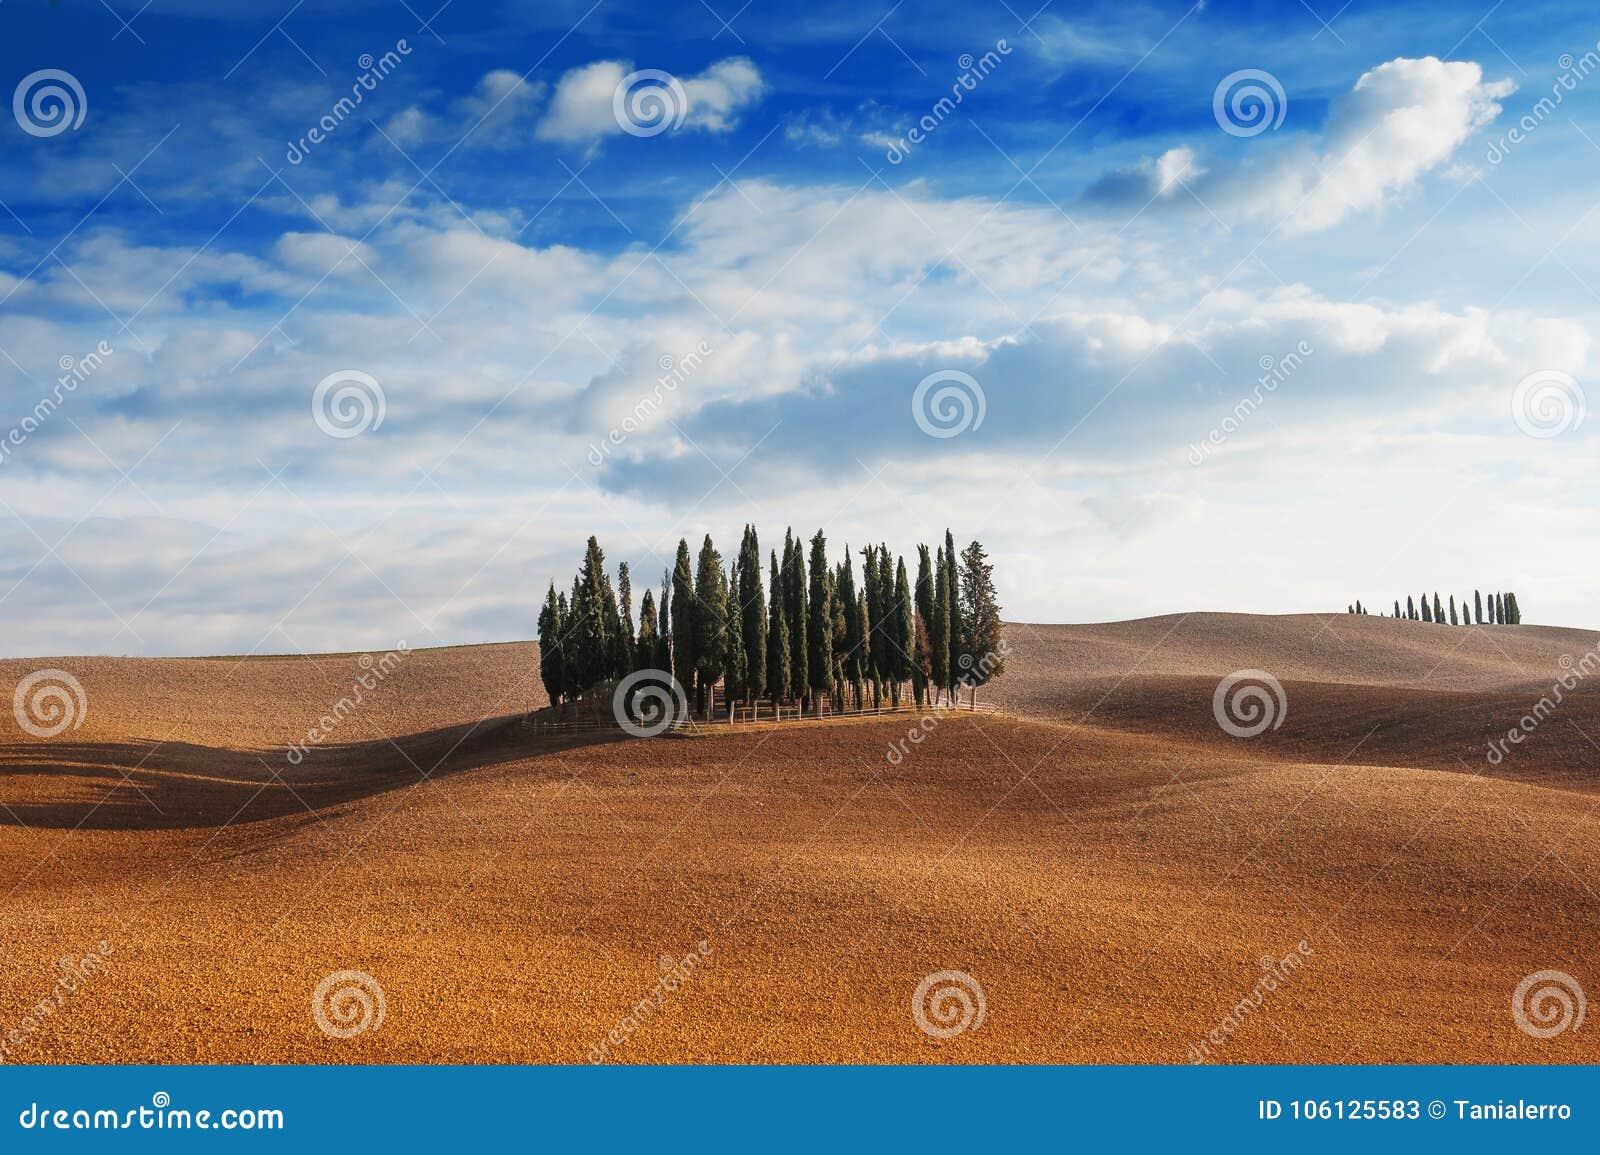 Tuscany, Włochy - sceniczny widok Tuscan krajobraz z tocznymi wzgórzami, małym cyprysowych drzew lasem i niebieskim niebem z chmu